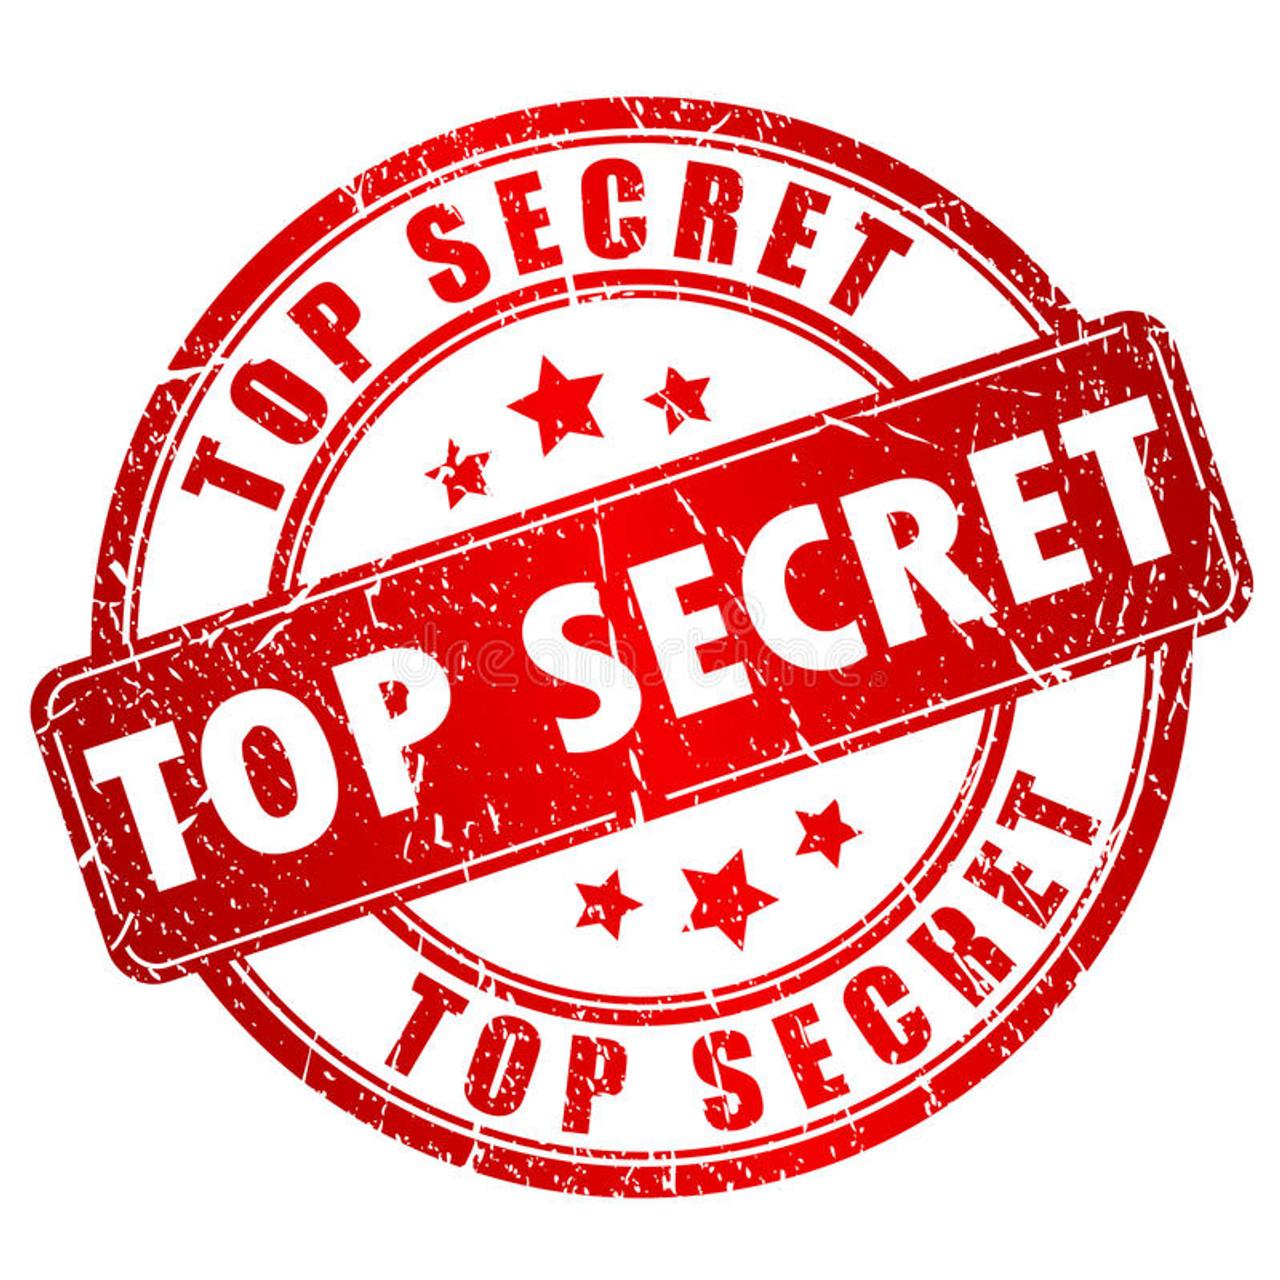 3 BIG SECRETS